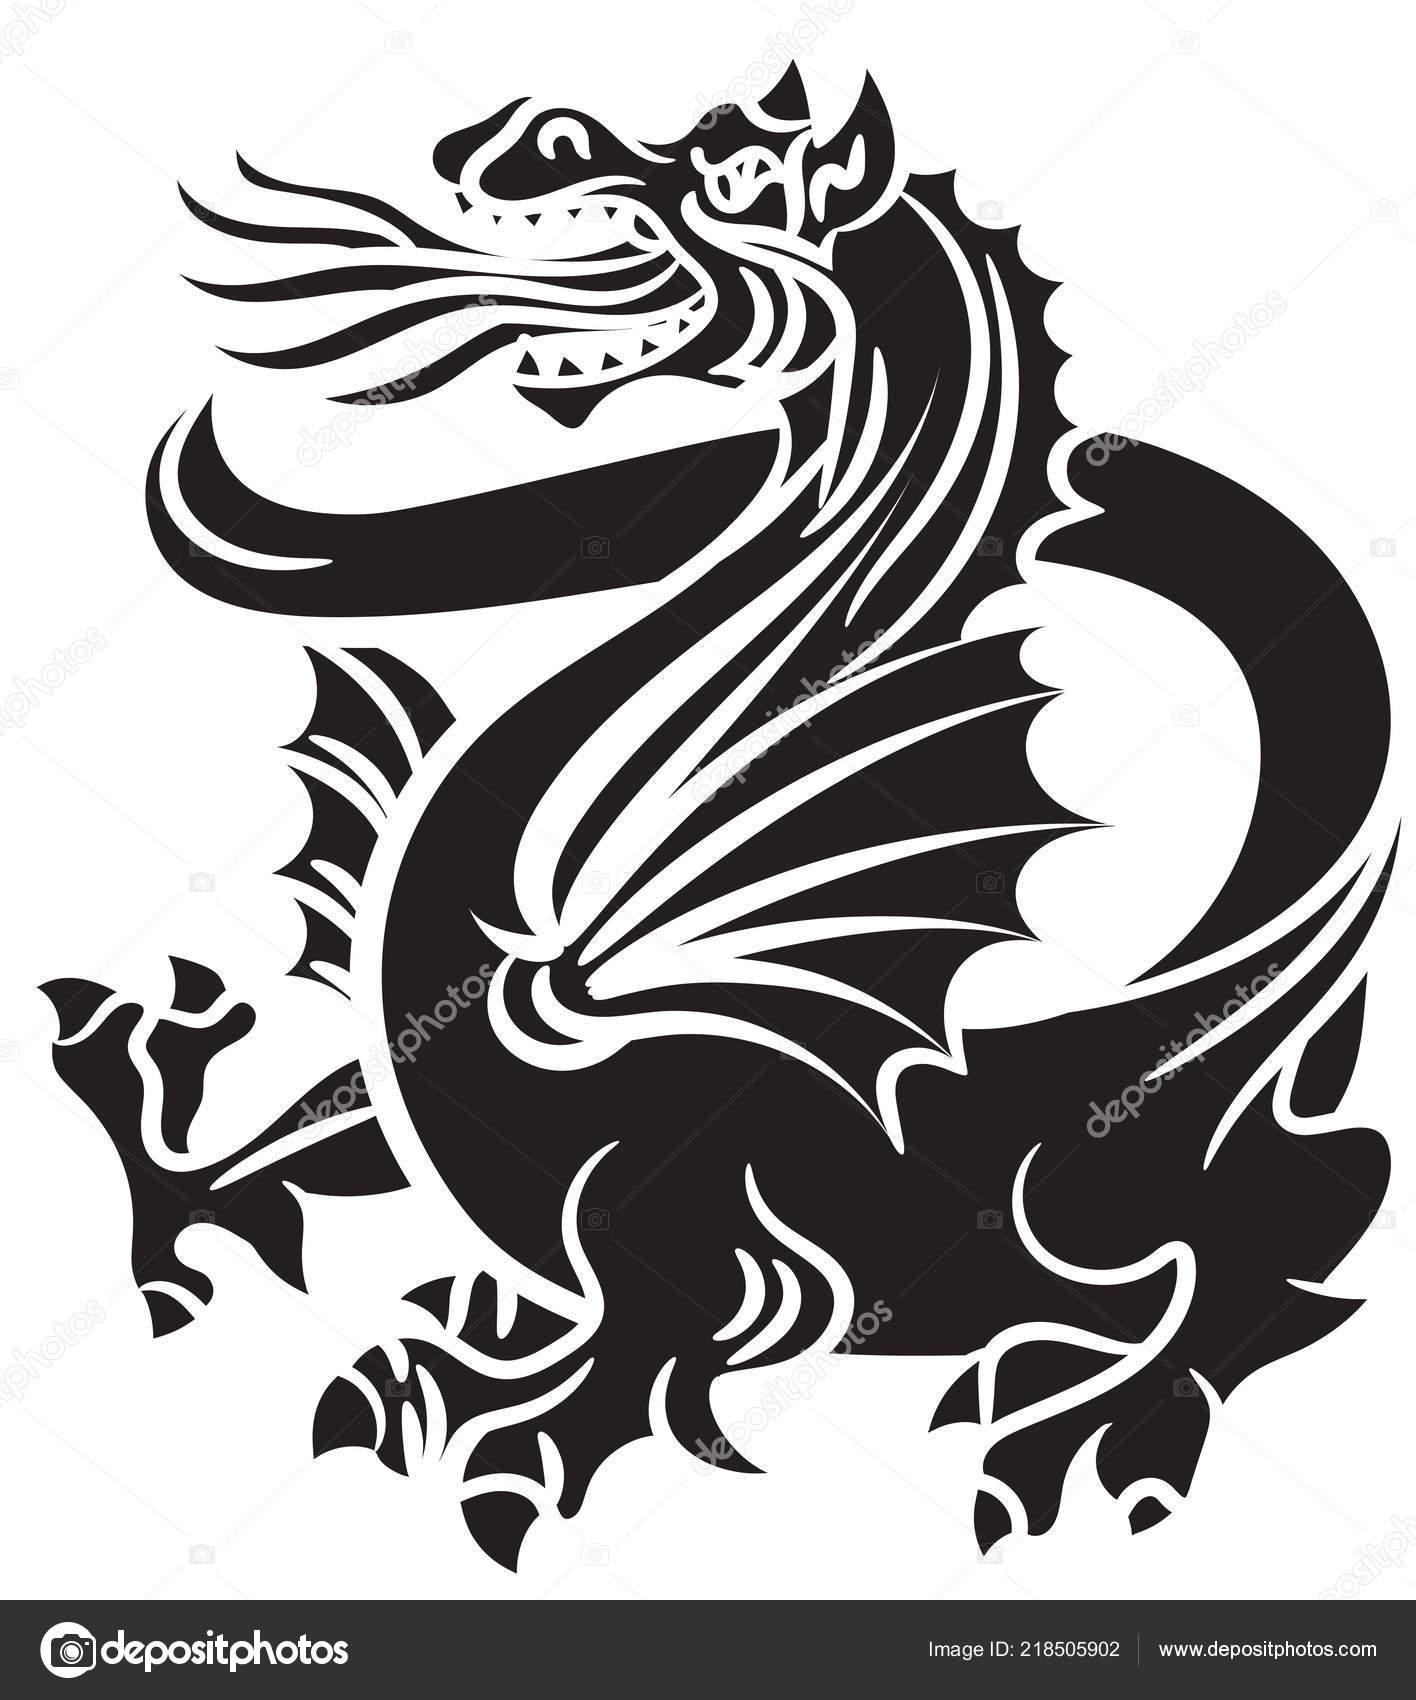 Dragon Tatouage Tribal Noir Sur Fond Blanc Image Vectorielle Dique